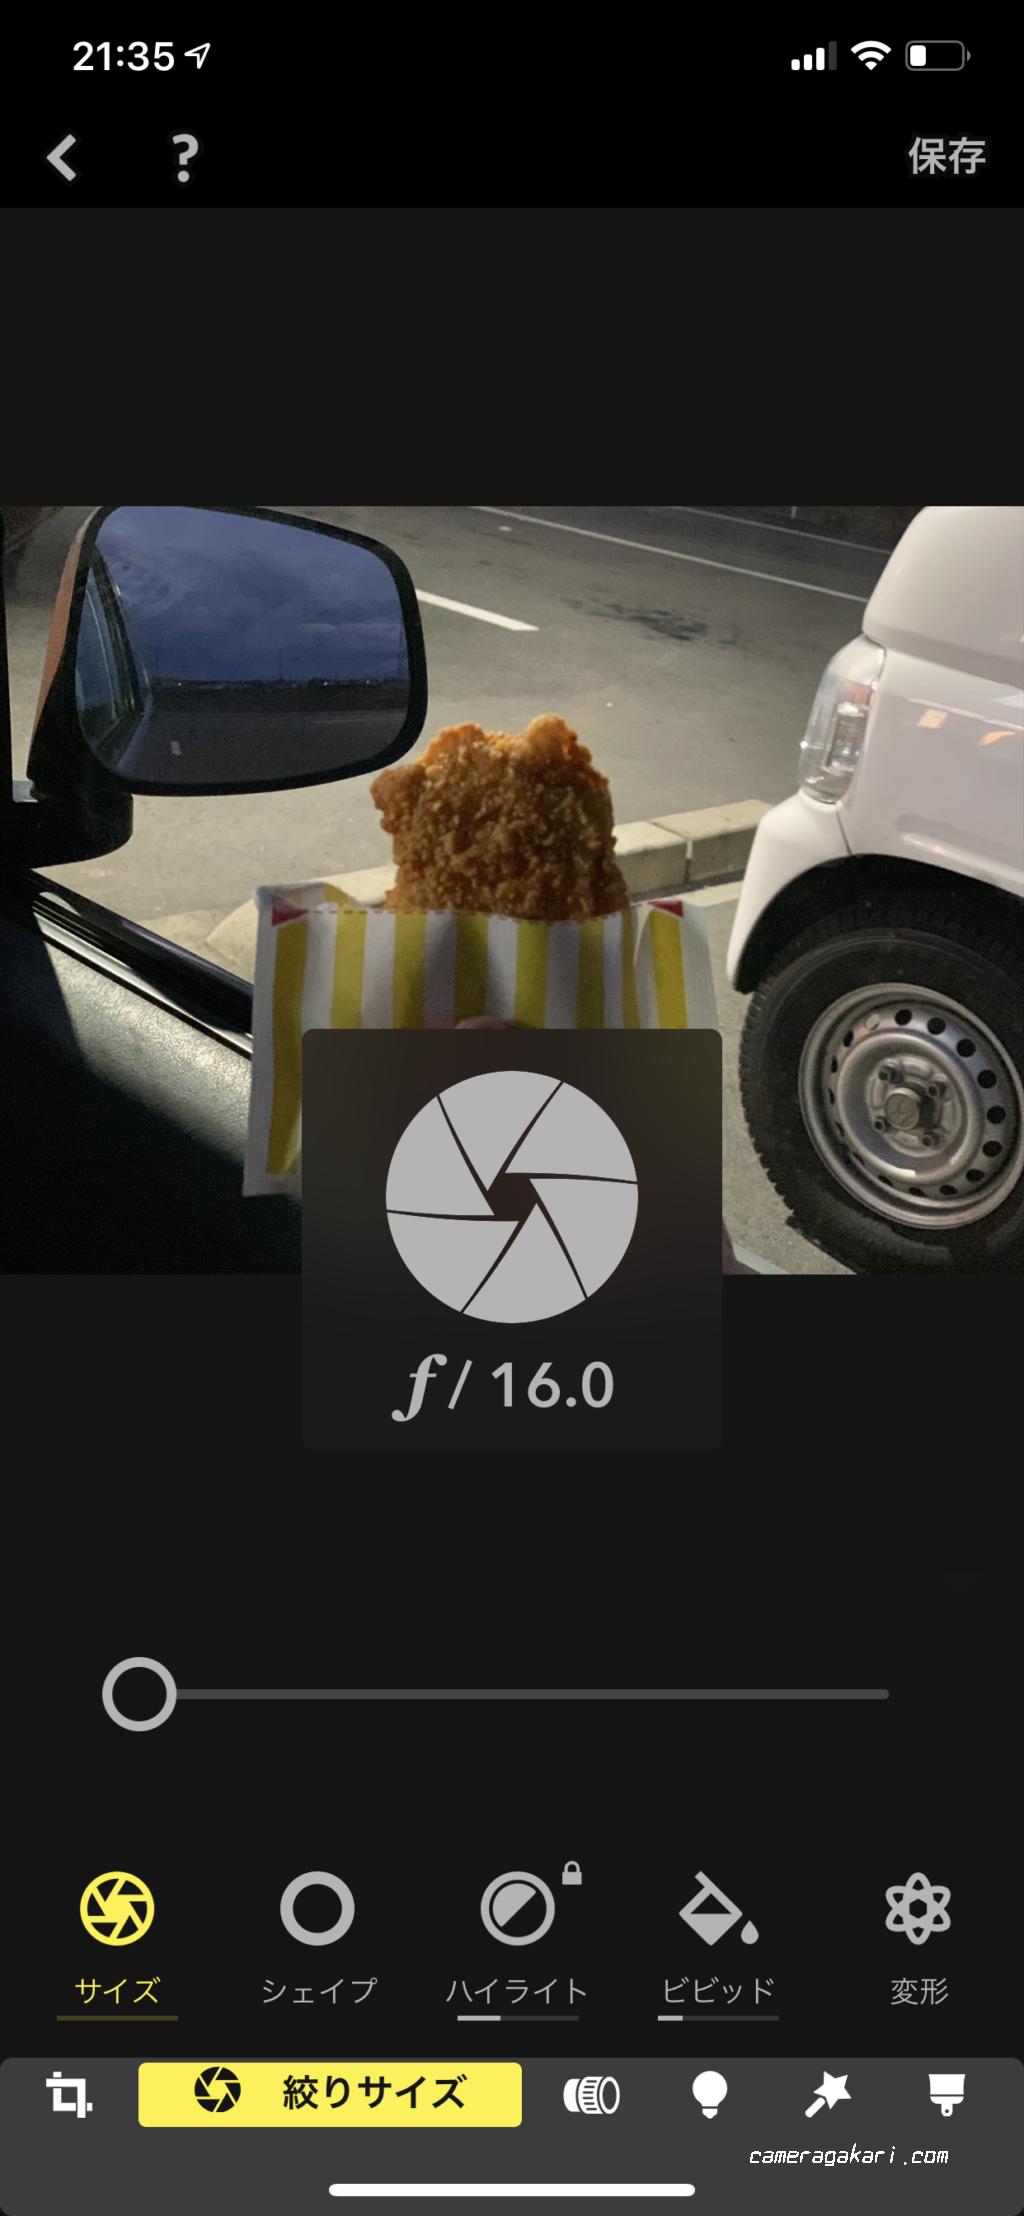 F値16.0